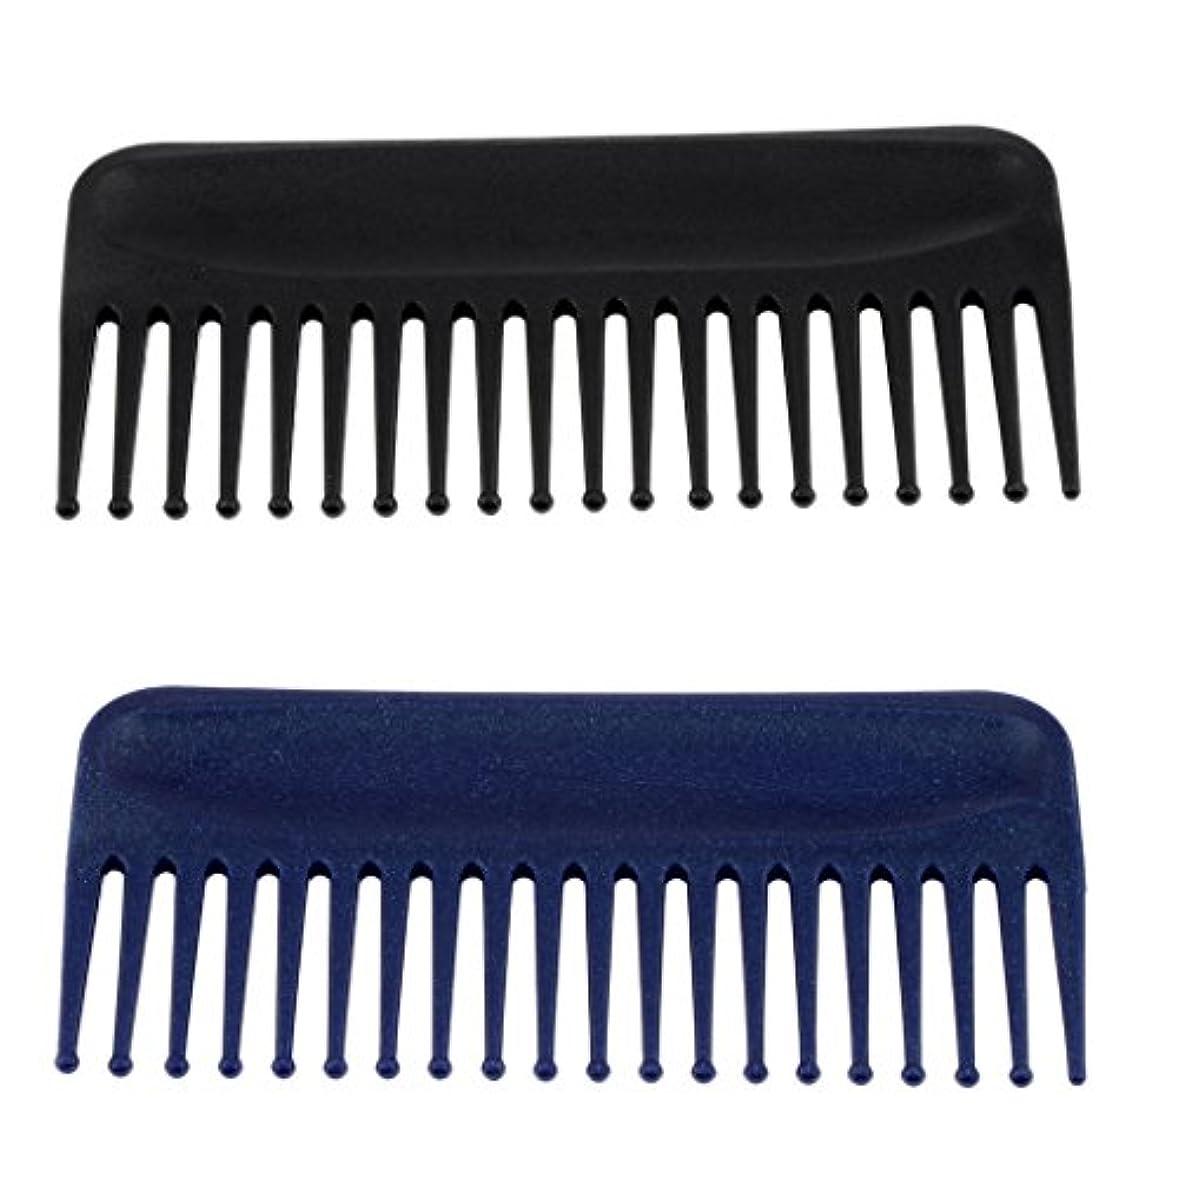 波紋夜壮大なヘアコーム くし 櫛 ヘアブラシ 頭皮マッサージ 静電気防止 美髪ケア 快適 プラスチック製 2個